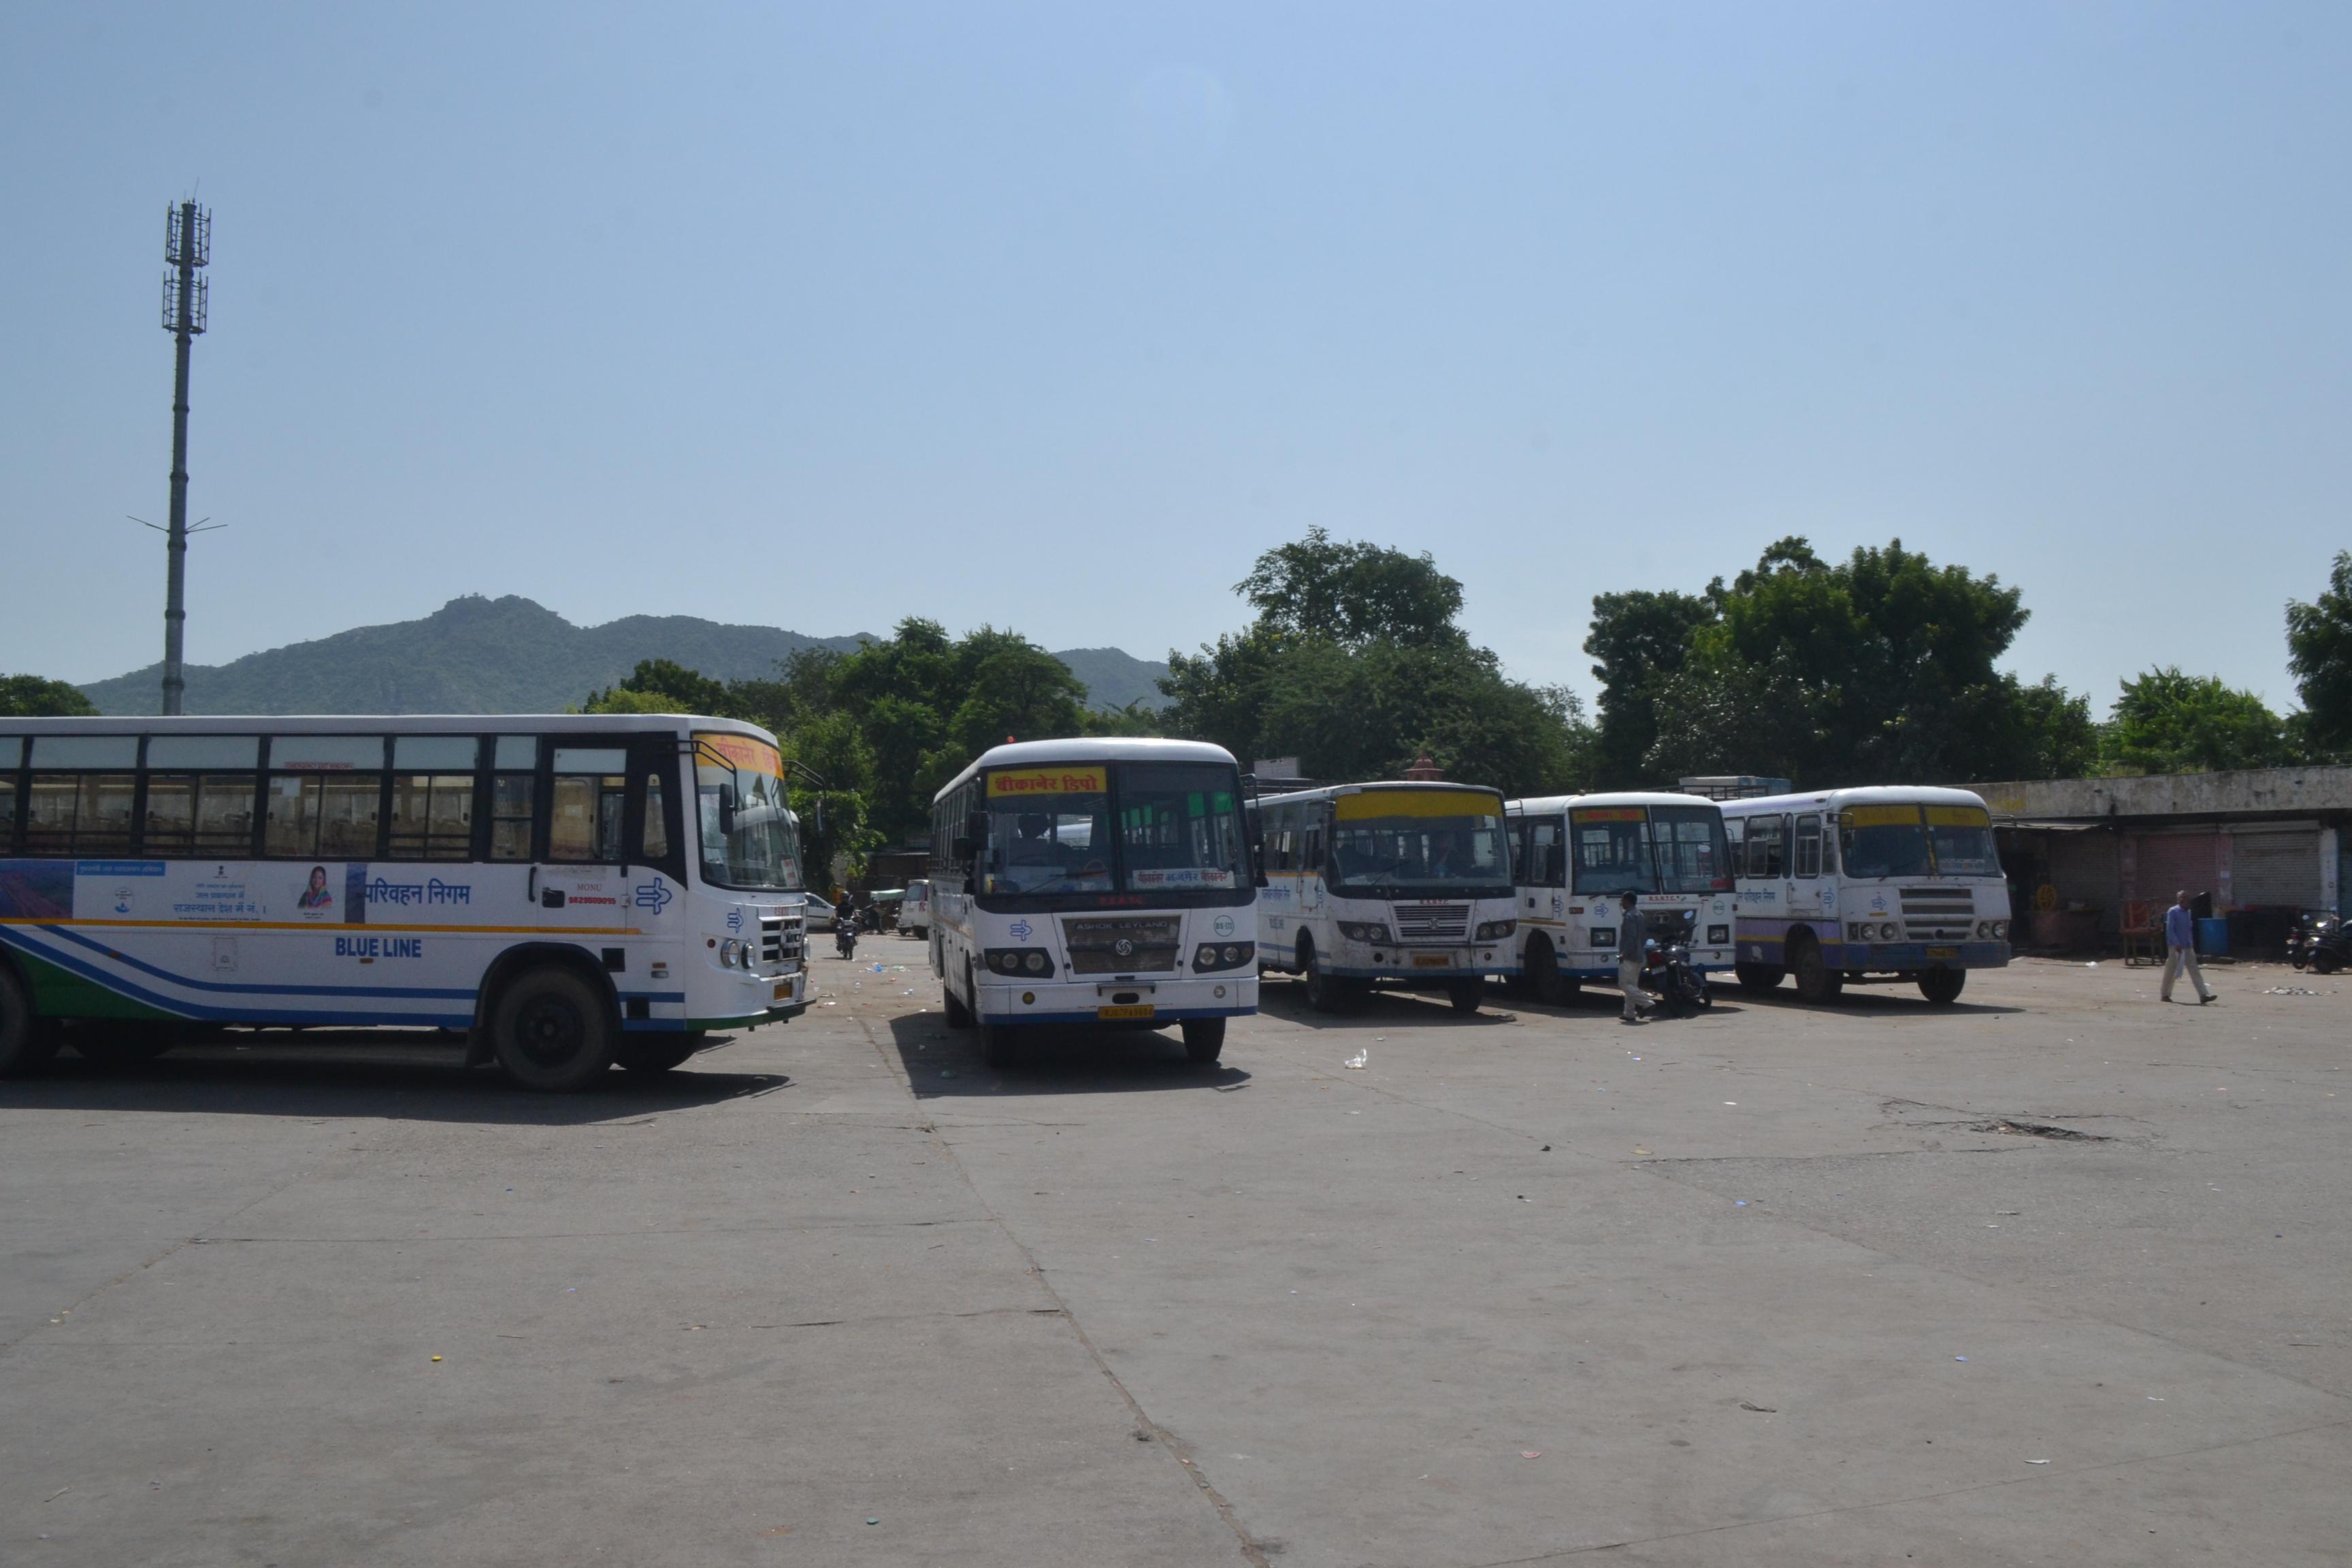 Roadways Strike : बे-बस मुसाफिर, नहीं घूमे रोडवेज बस के पहिए